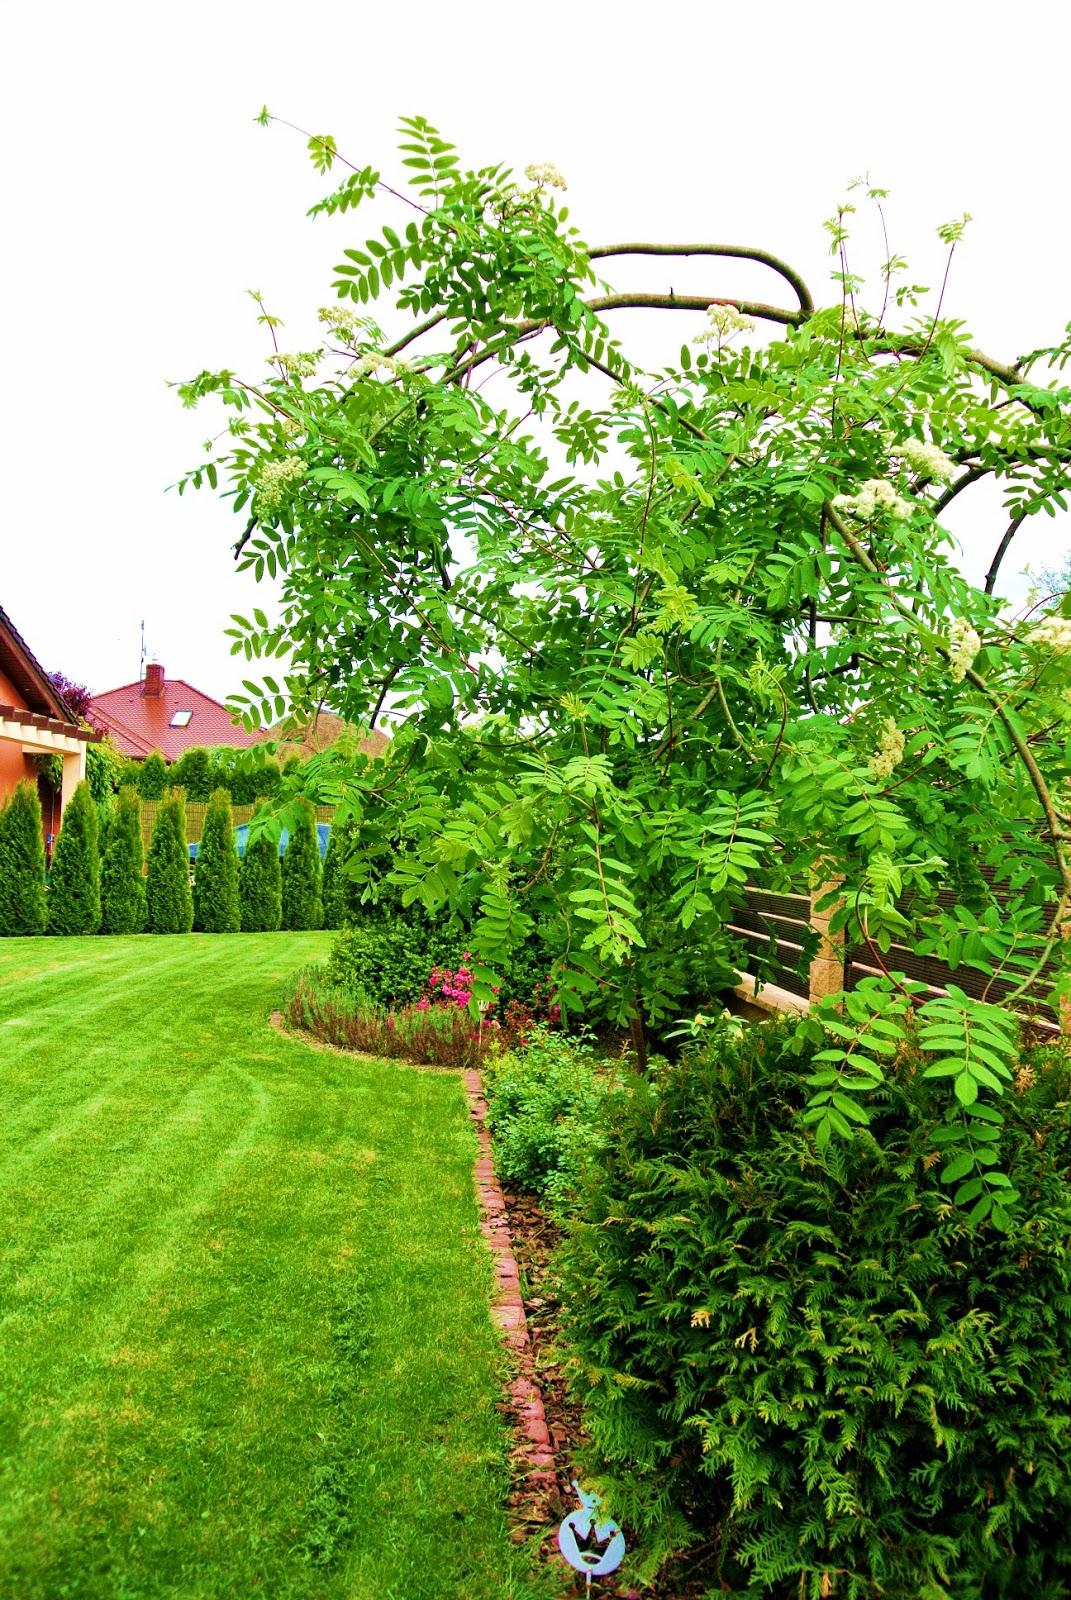 koszenie trawnika,co ile kosić trawnik,jak kosić,zakładanie trawnika,jarząb pendula,jarzębina pendula,jakie drzewa do ogródka,lawenda w ogrodzie,lawenda